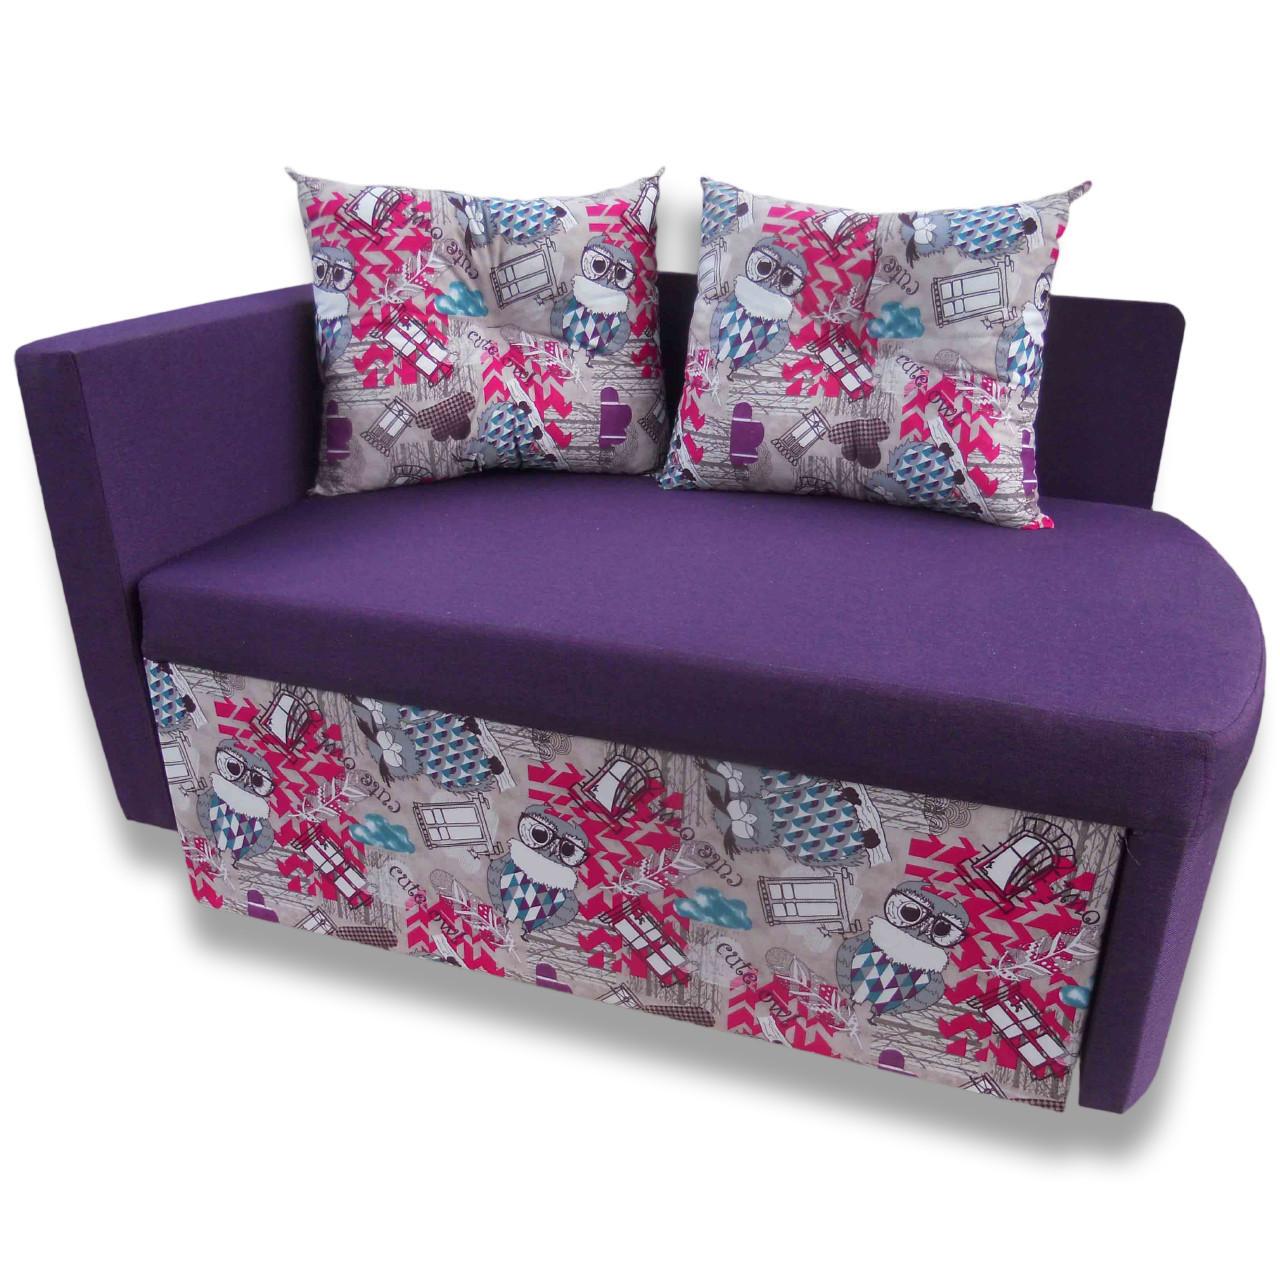 Диван детский Шпех 90см (Филин+фиолетовый, малютка раскладной). Диванчик со спальным местом 2 метра